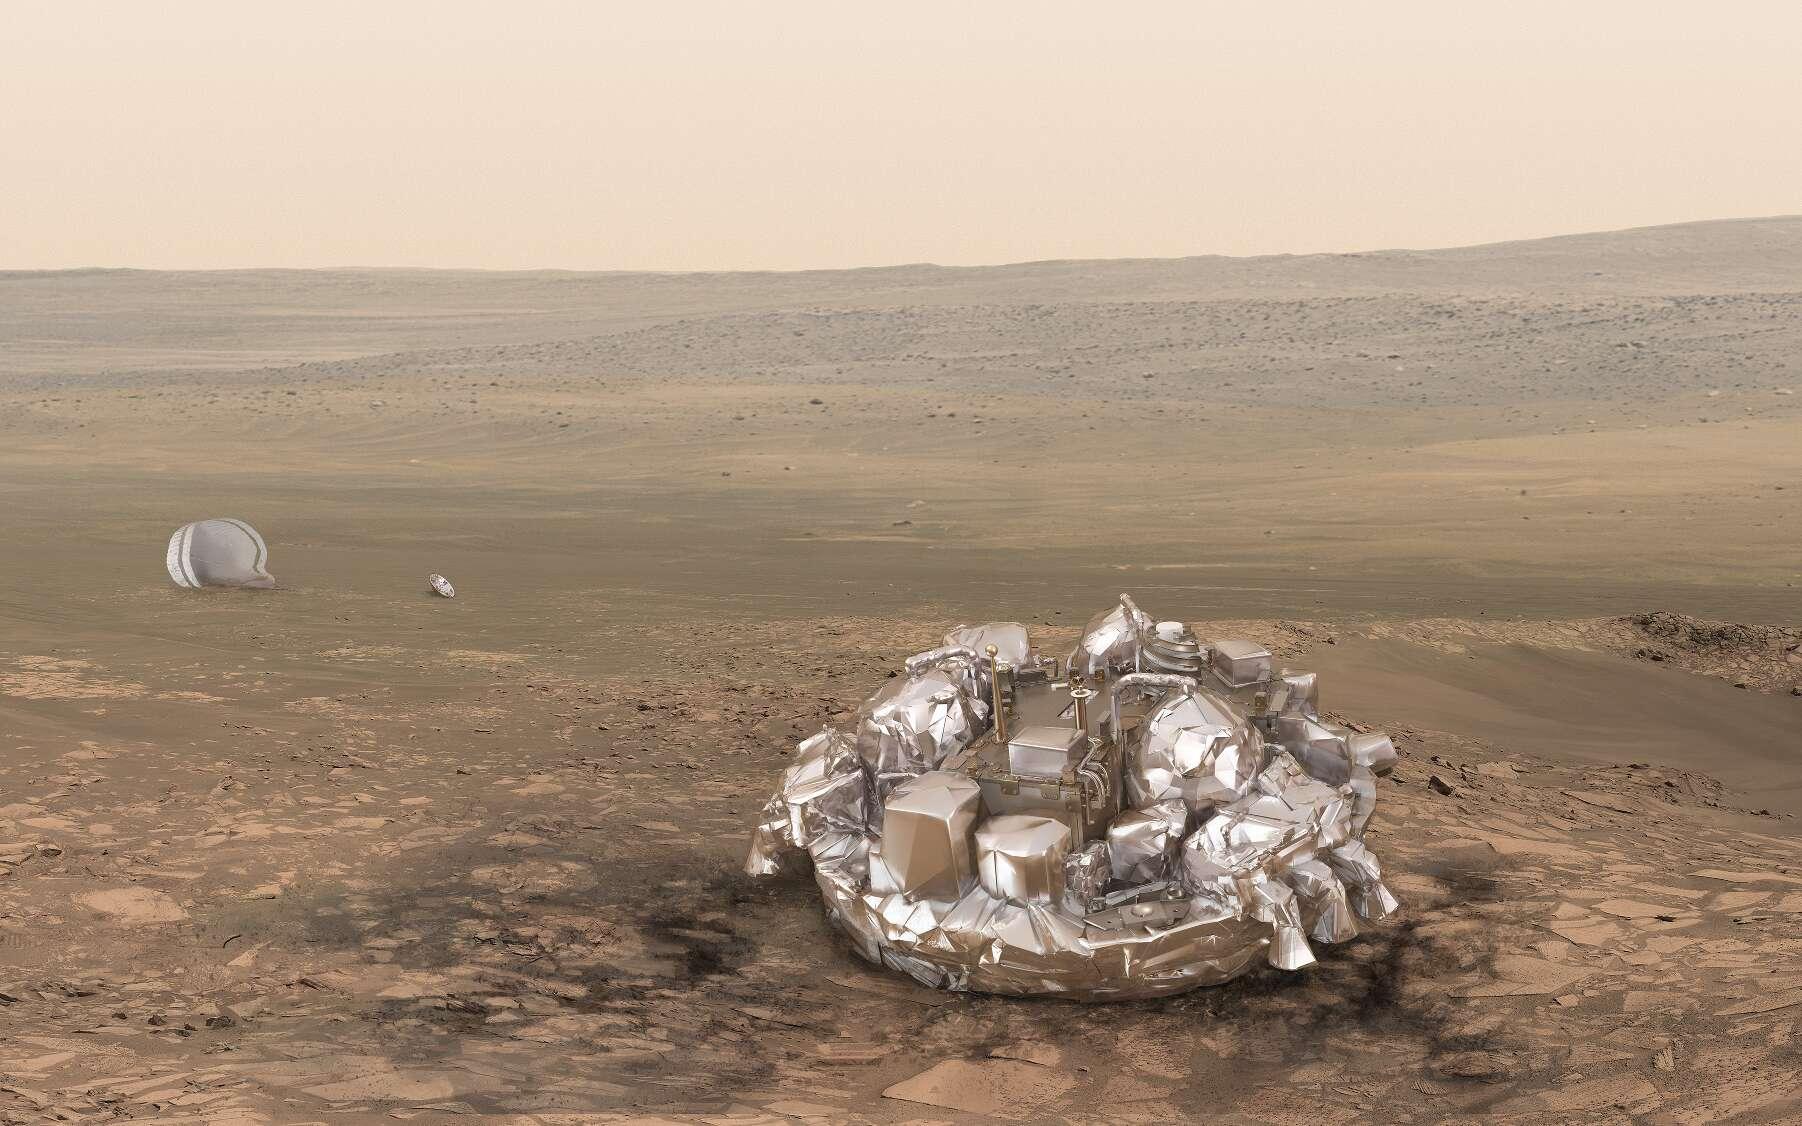 Vue d'artiste de l'atterrisseur Schiaparelli posé sur le sol martien et tel que l'on souhaiterait qu'il soit dans la réalité. © ESA